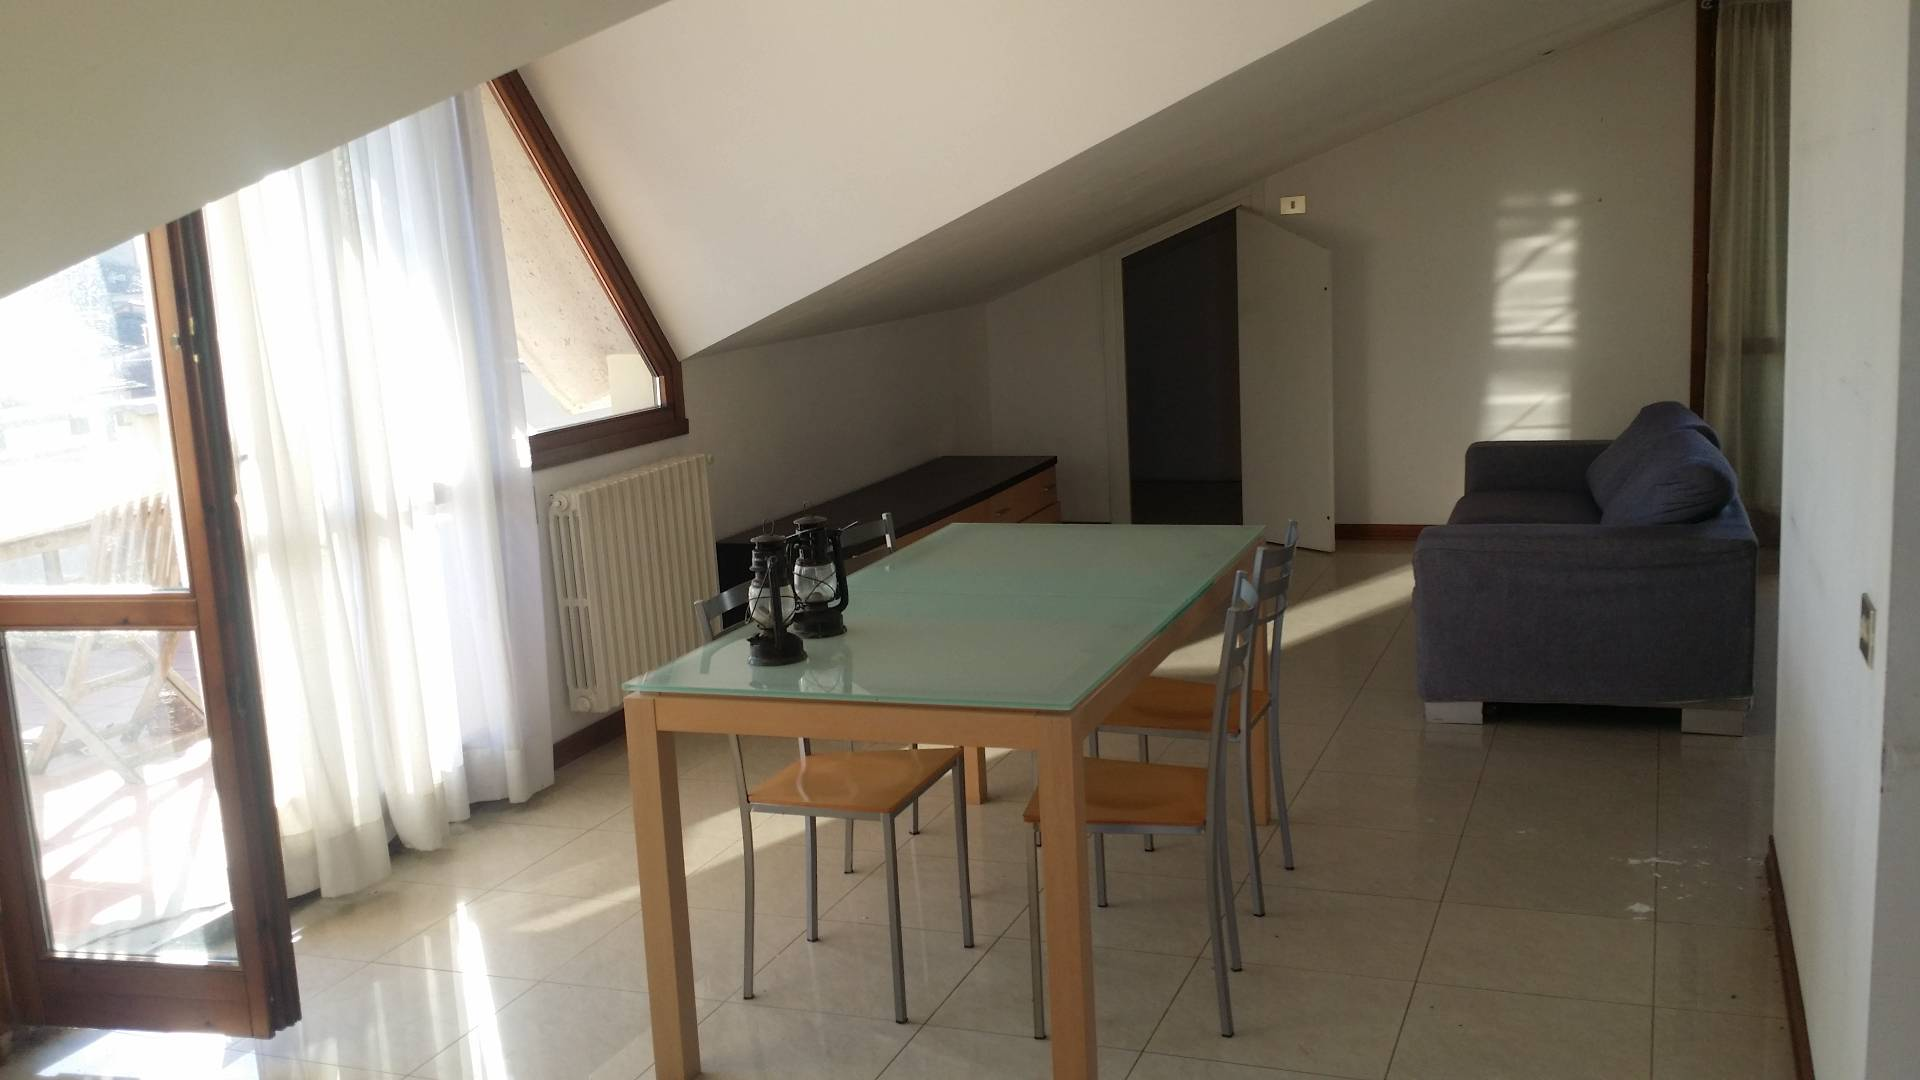 Attico / Mansarda in affitto a Empoli, 3 locali, zona Località: Pontorme, prezzo € 800 | Cambio Casa.it